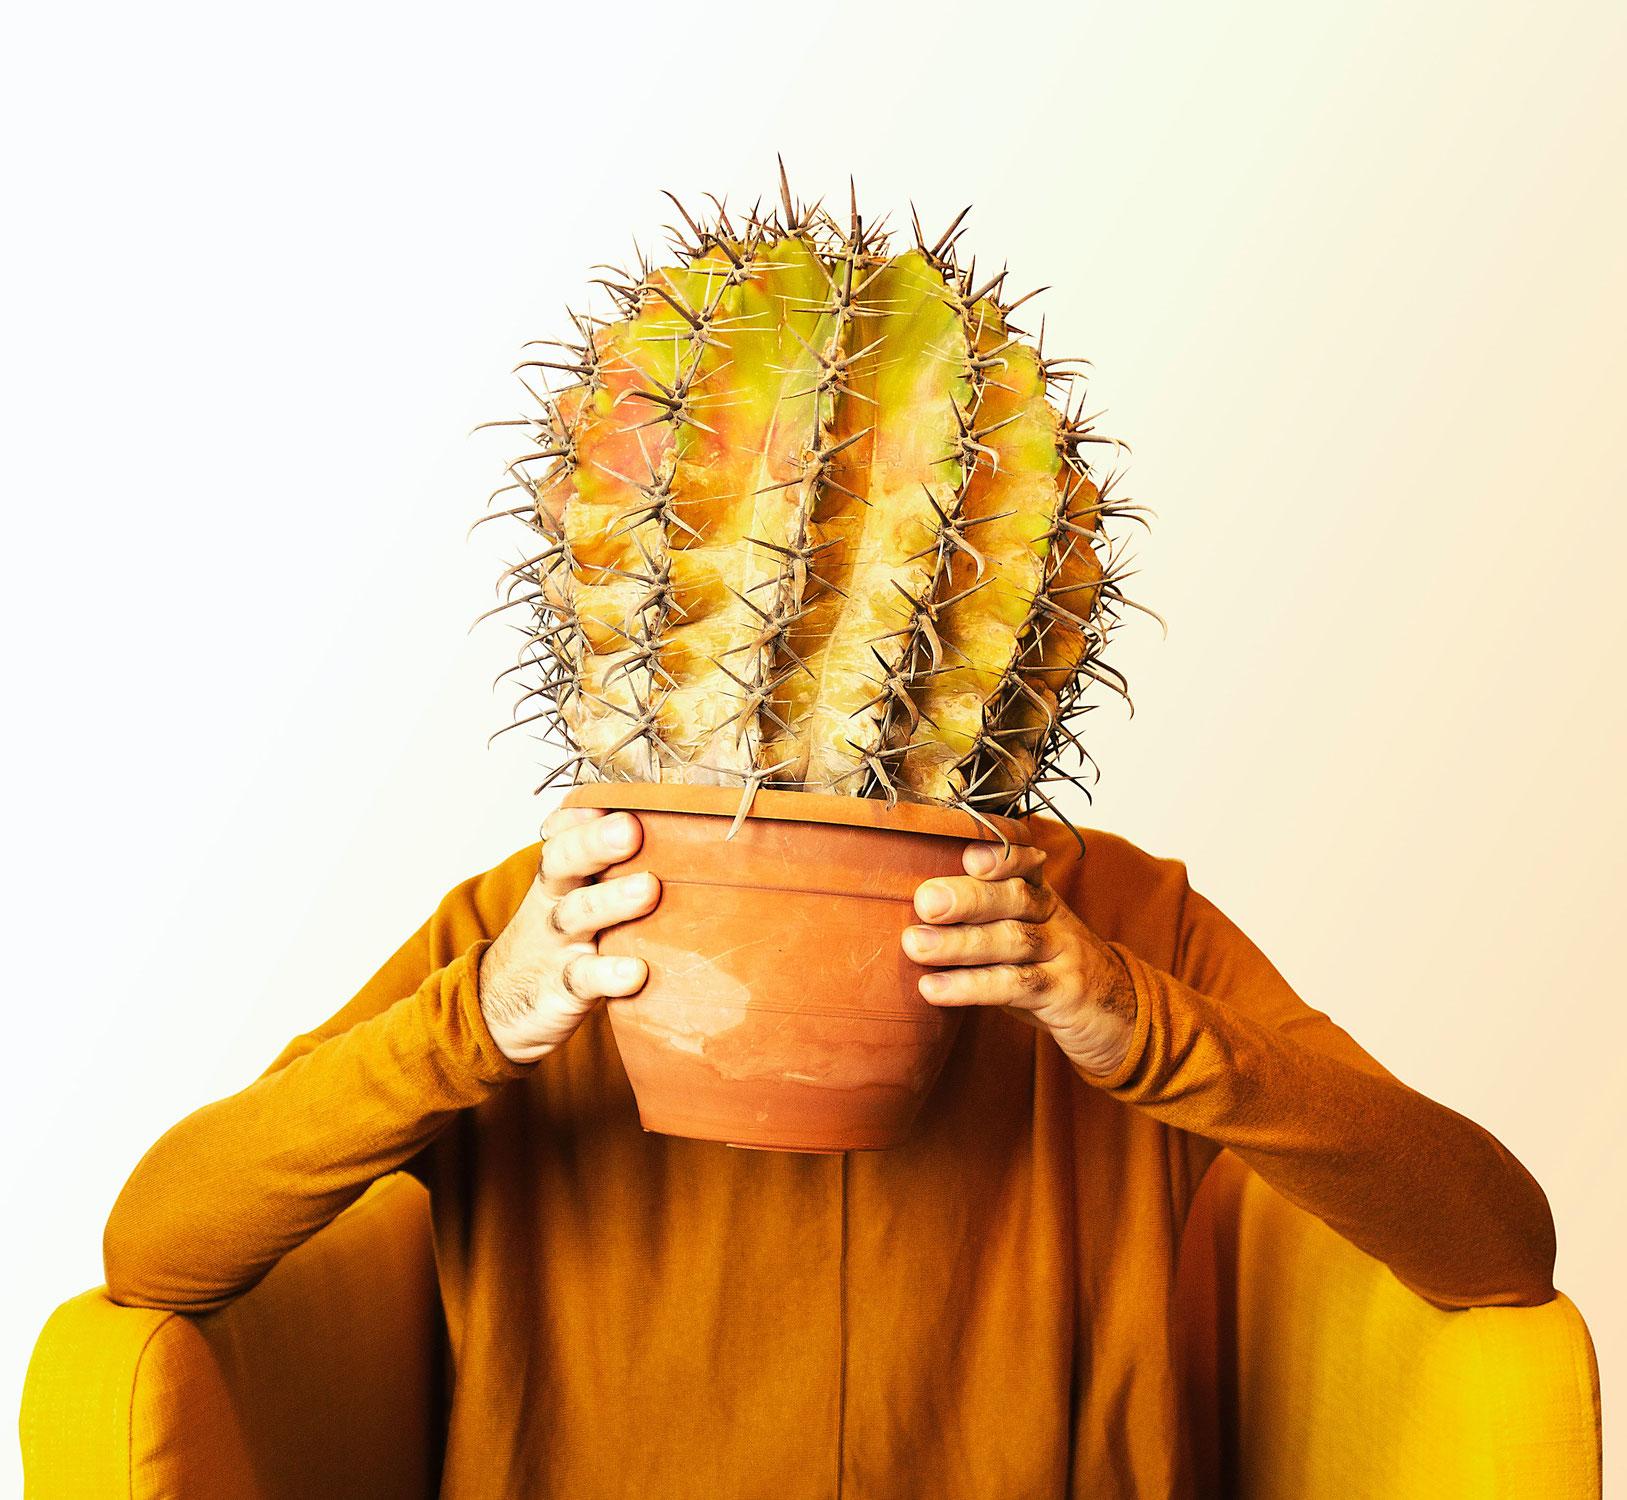 Zwijgende cactus